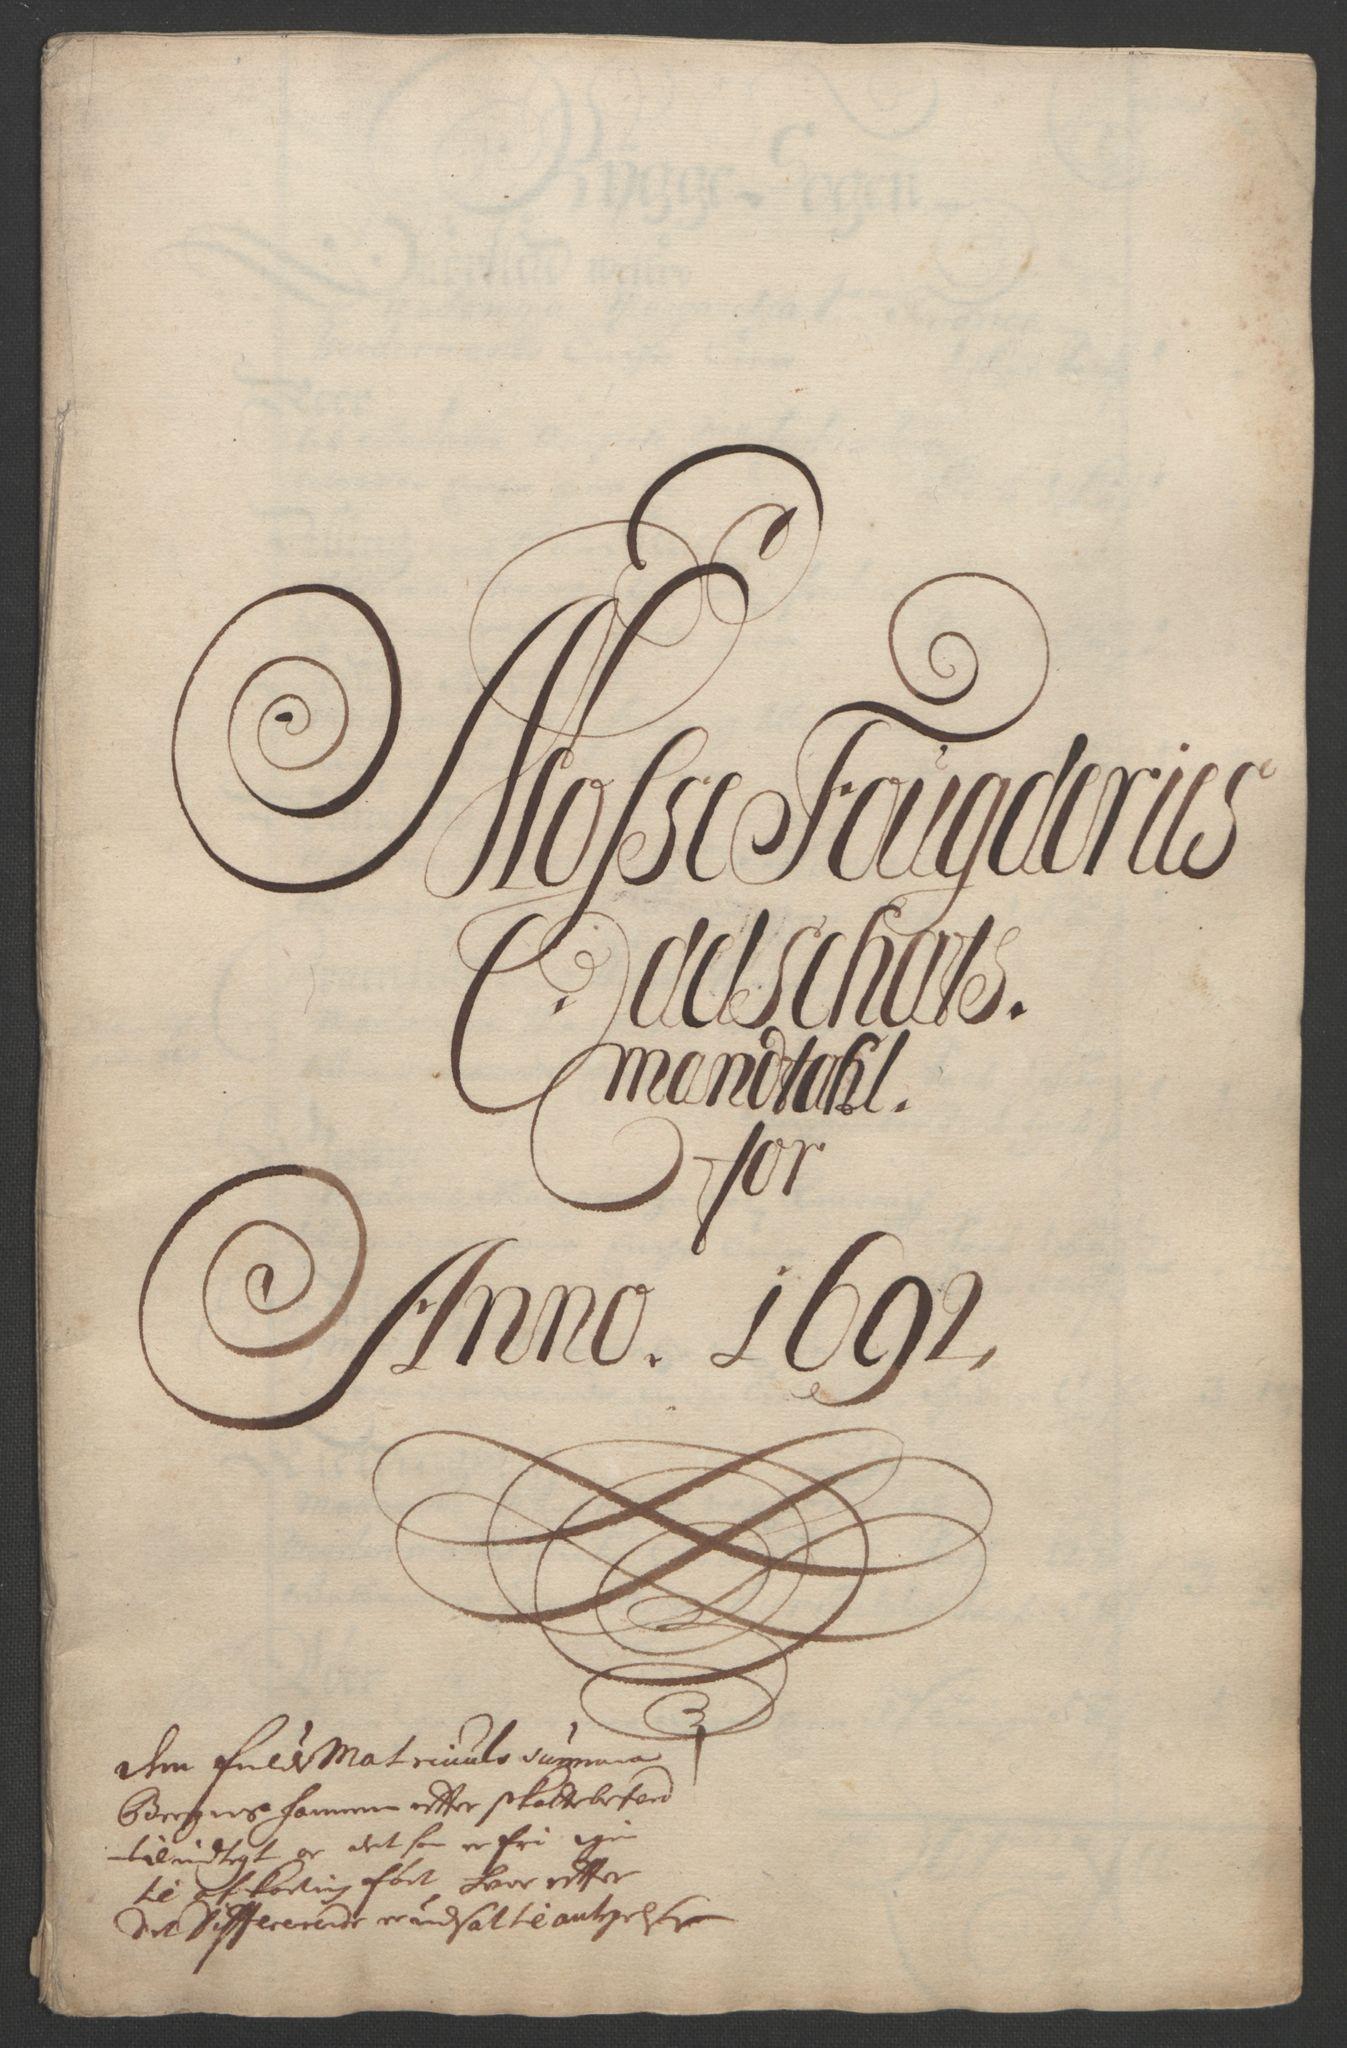 RA, Rentekammeret inntil 1814, Reviderte regnskaper, Fogderegnskap, R02/L0108: Fogderegnskap Moss og Verne kloster, 1692-1693, p. 105